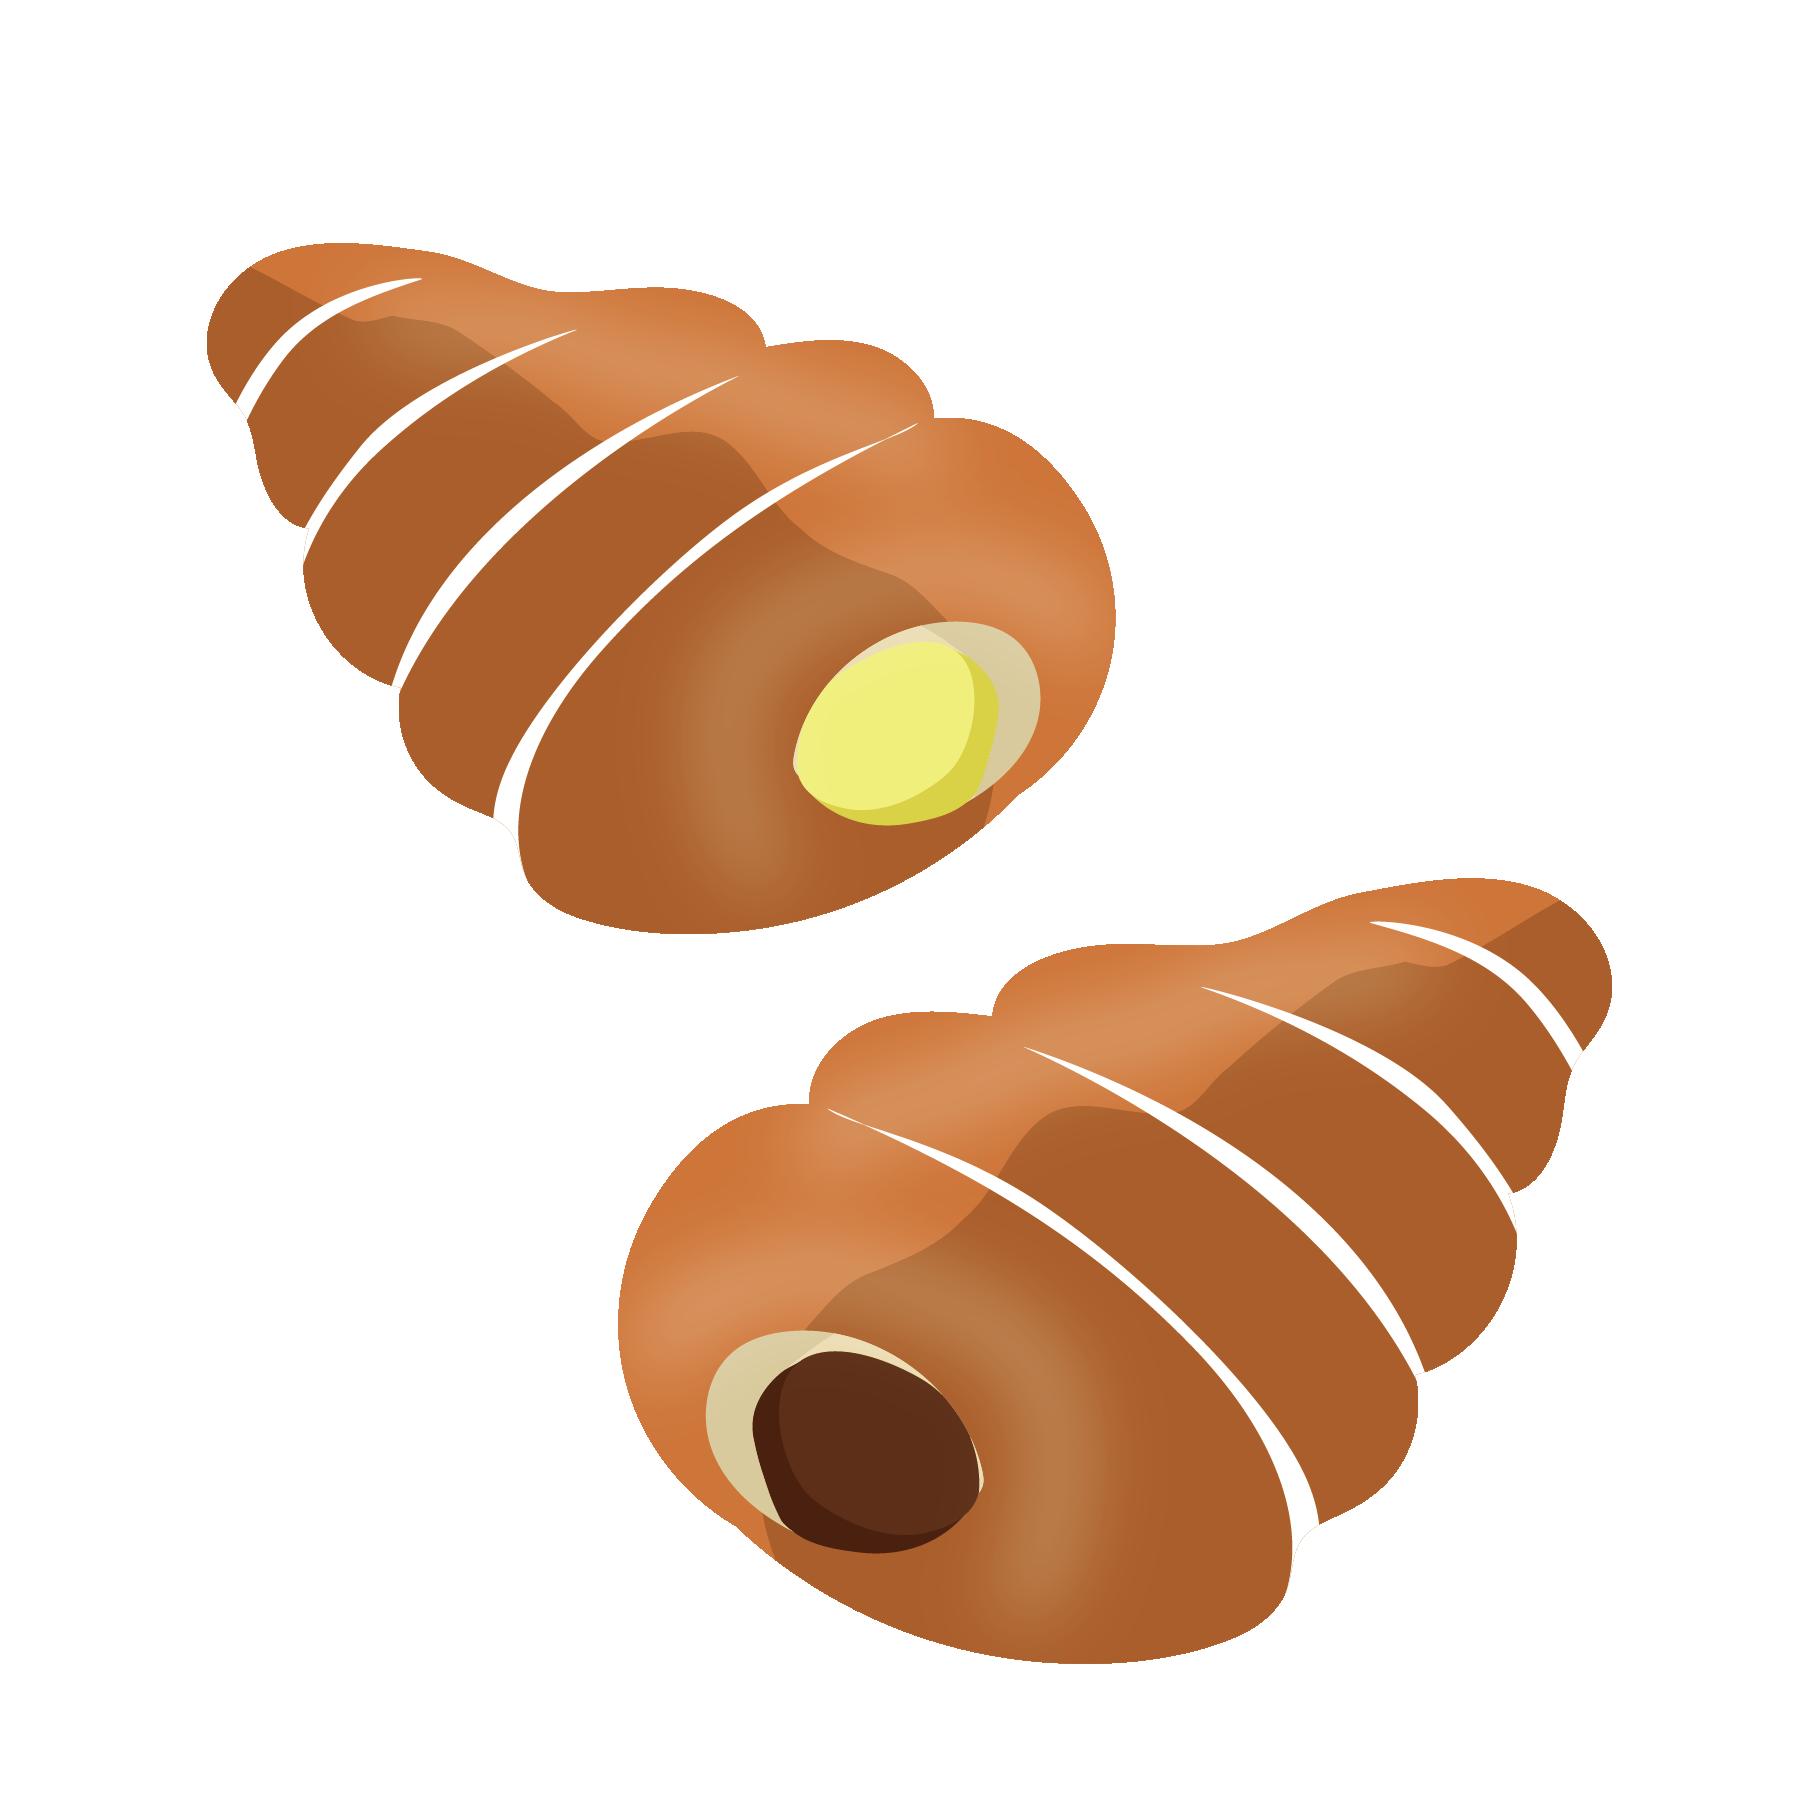 チョココロネとクリームコロネ パンのイラスト【菓子パン】 | 商用フリー